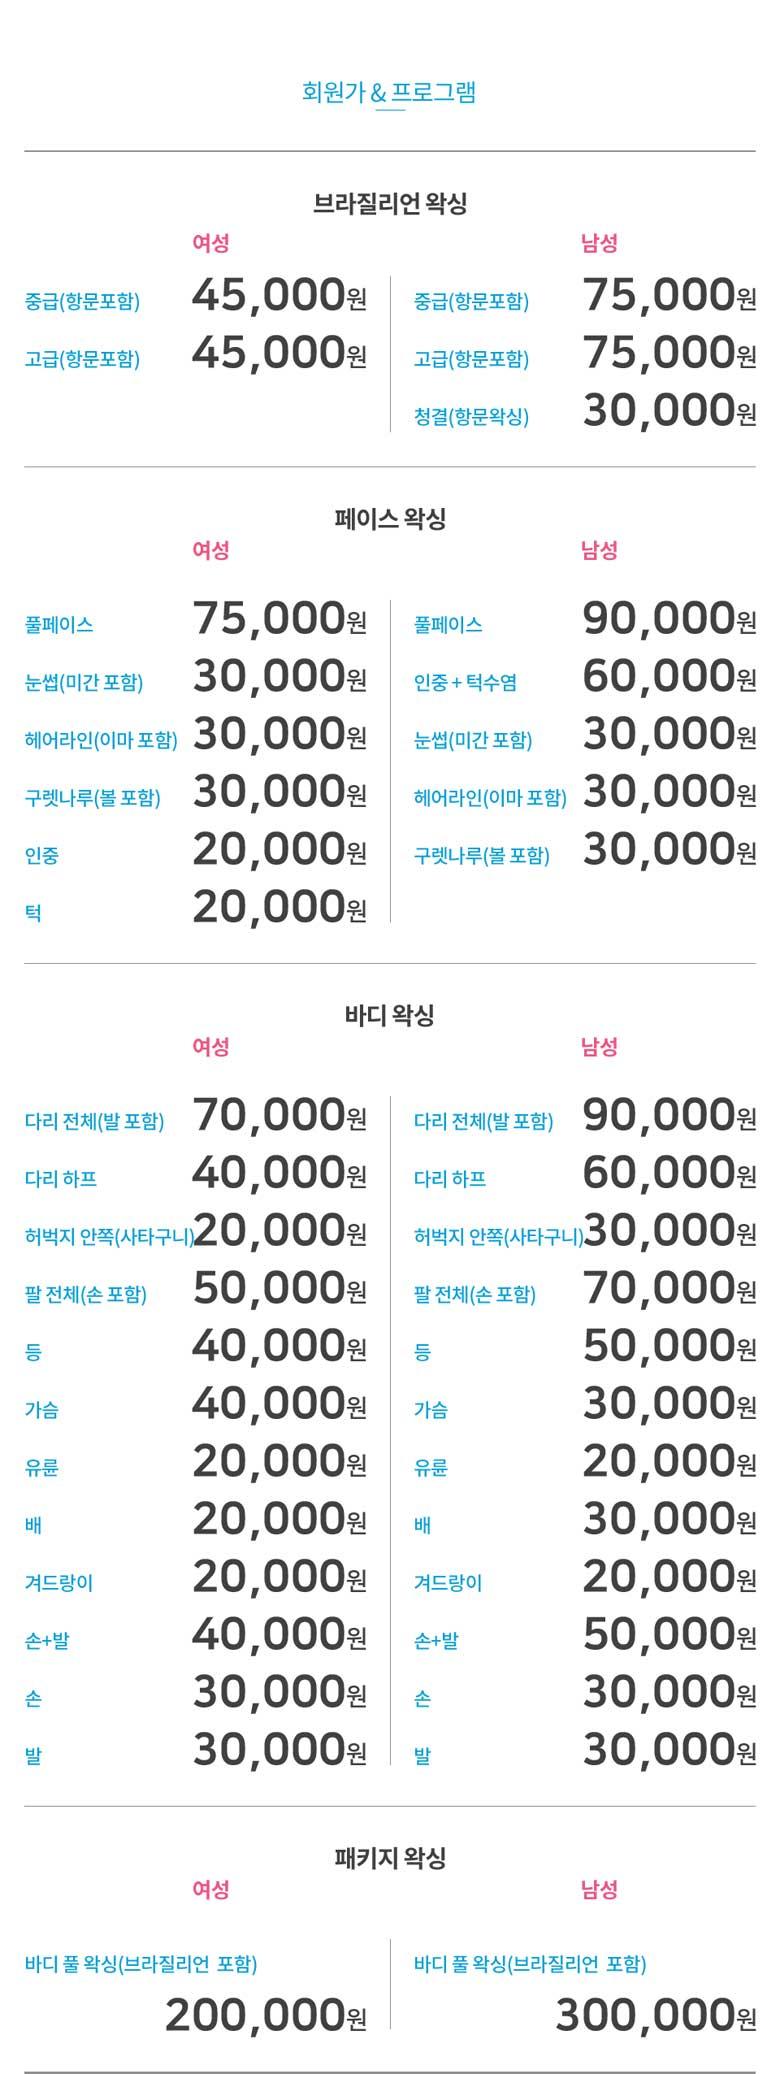 강남왁싱_서울_강남구_논현동_논현역_밀라노왁싱_업체가격